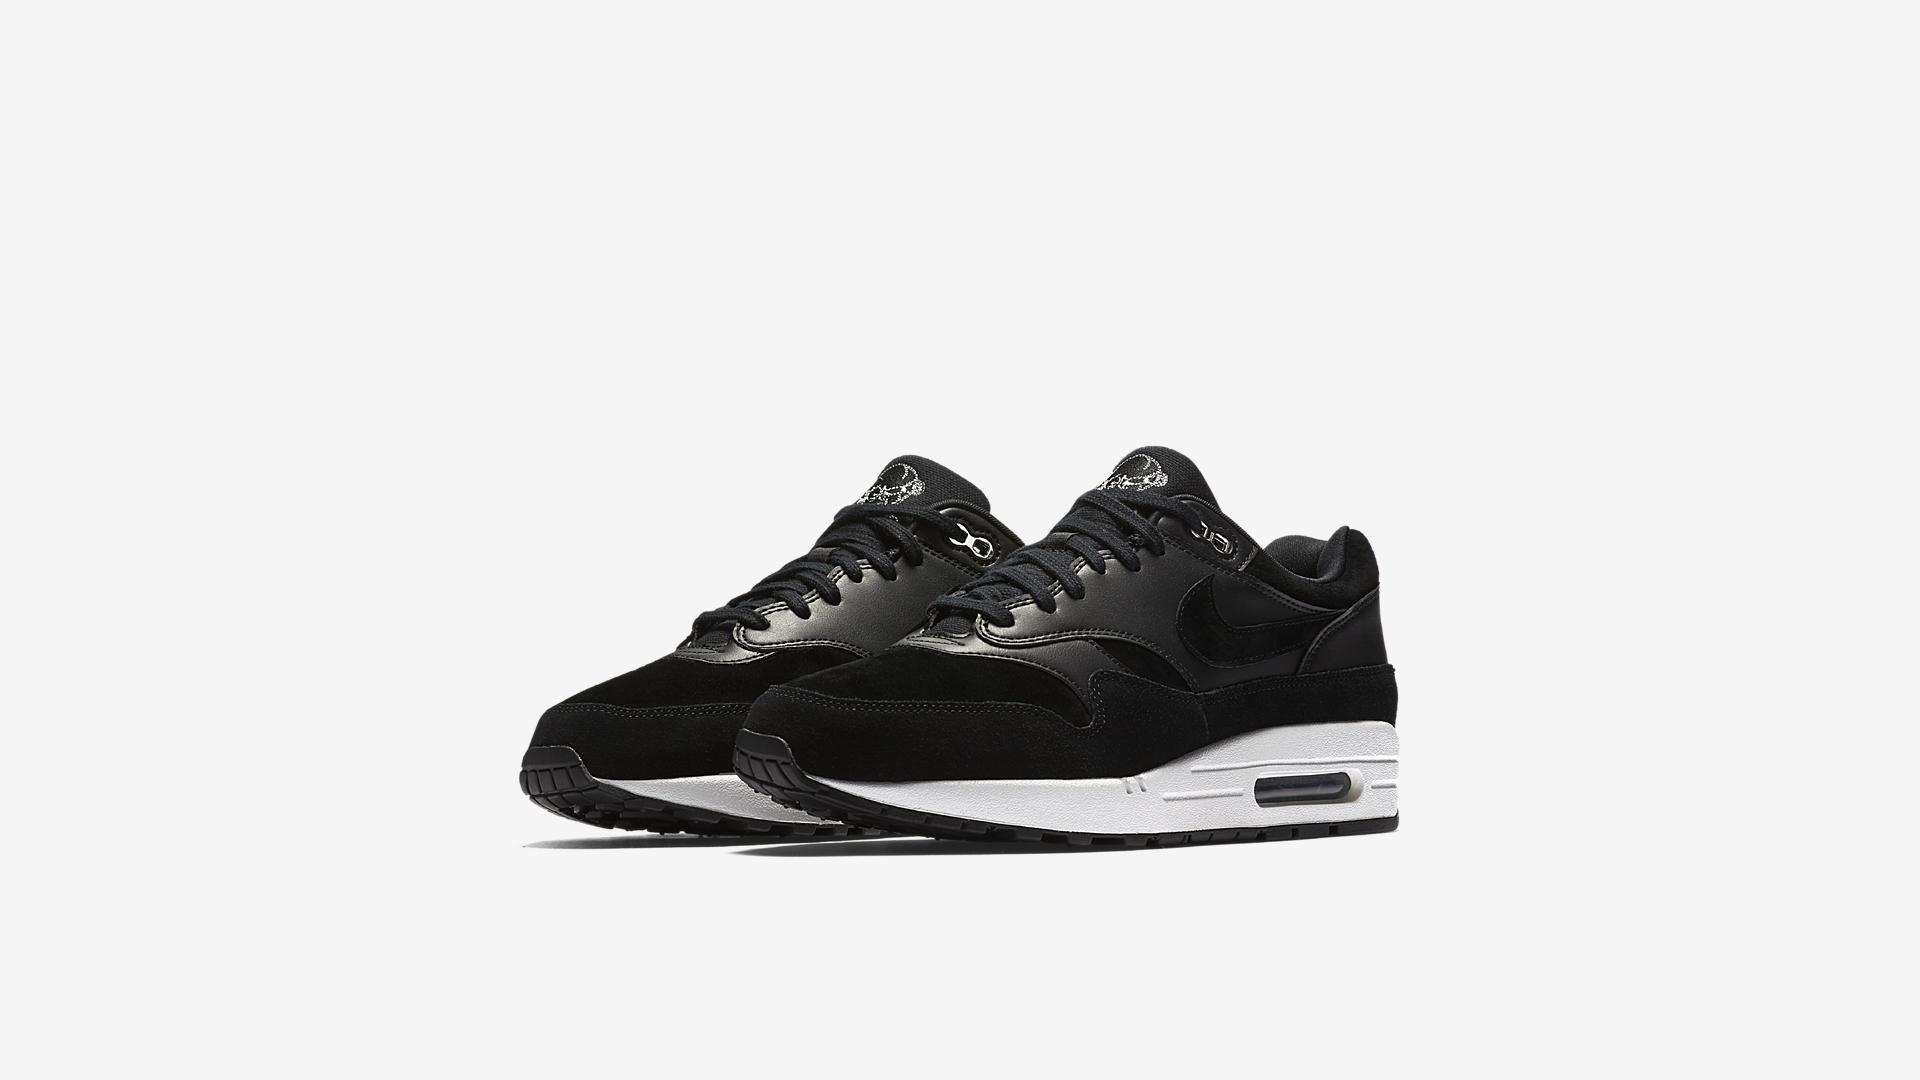 875844 001 Nike Air Max 1 PRM Step Off 1